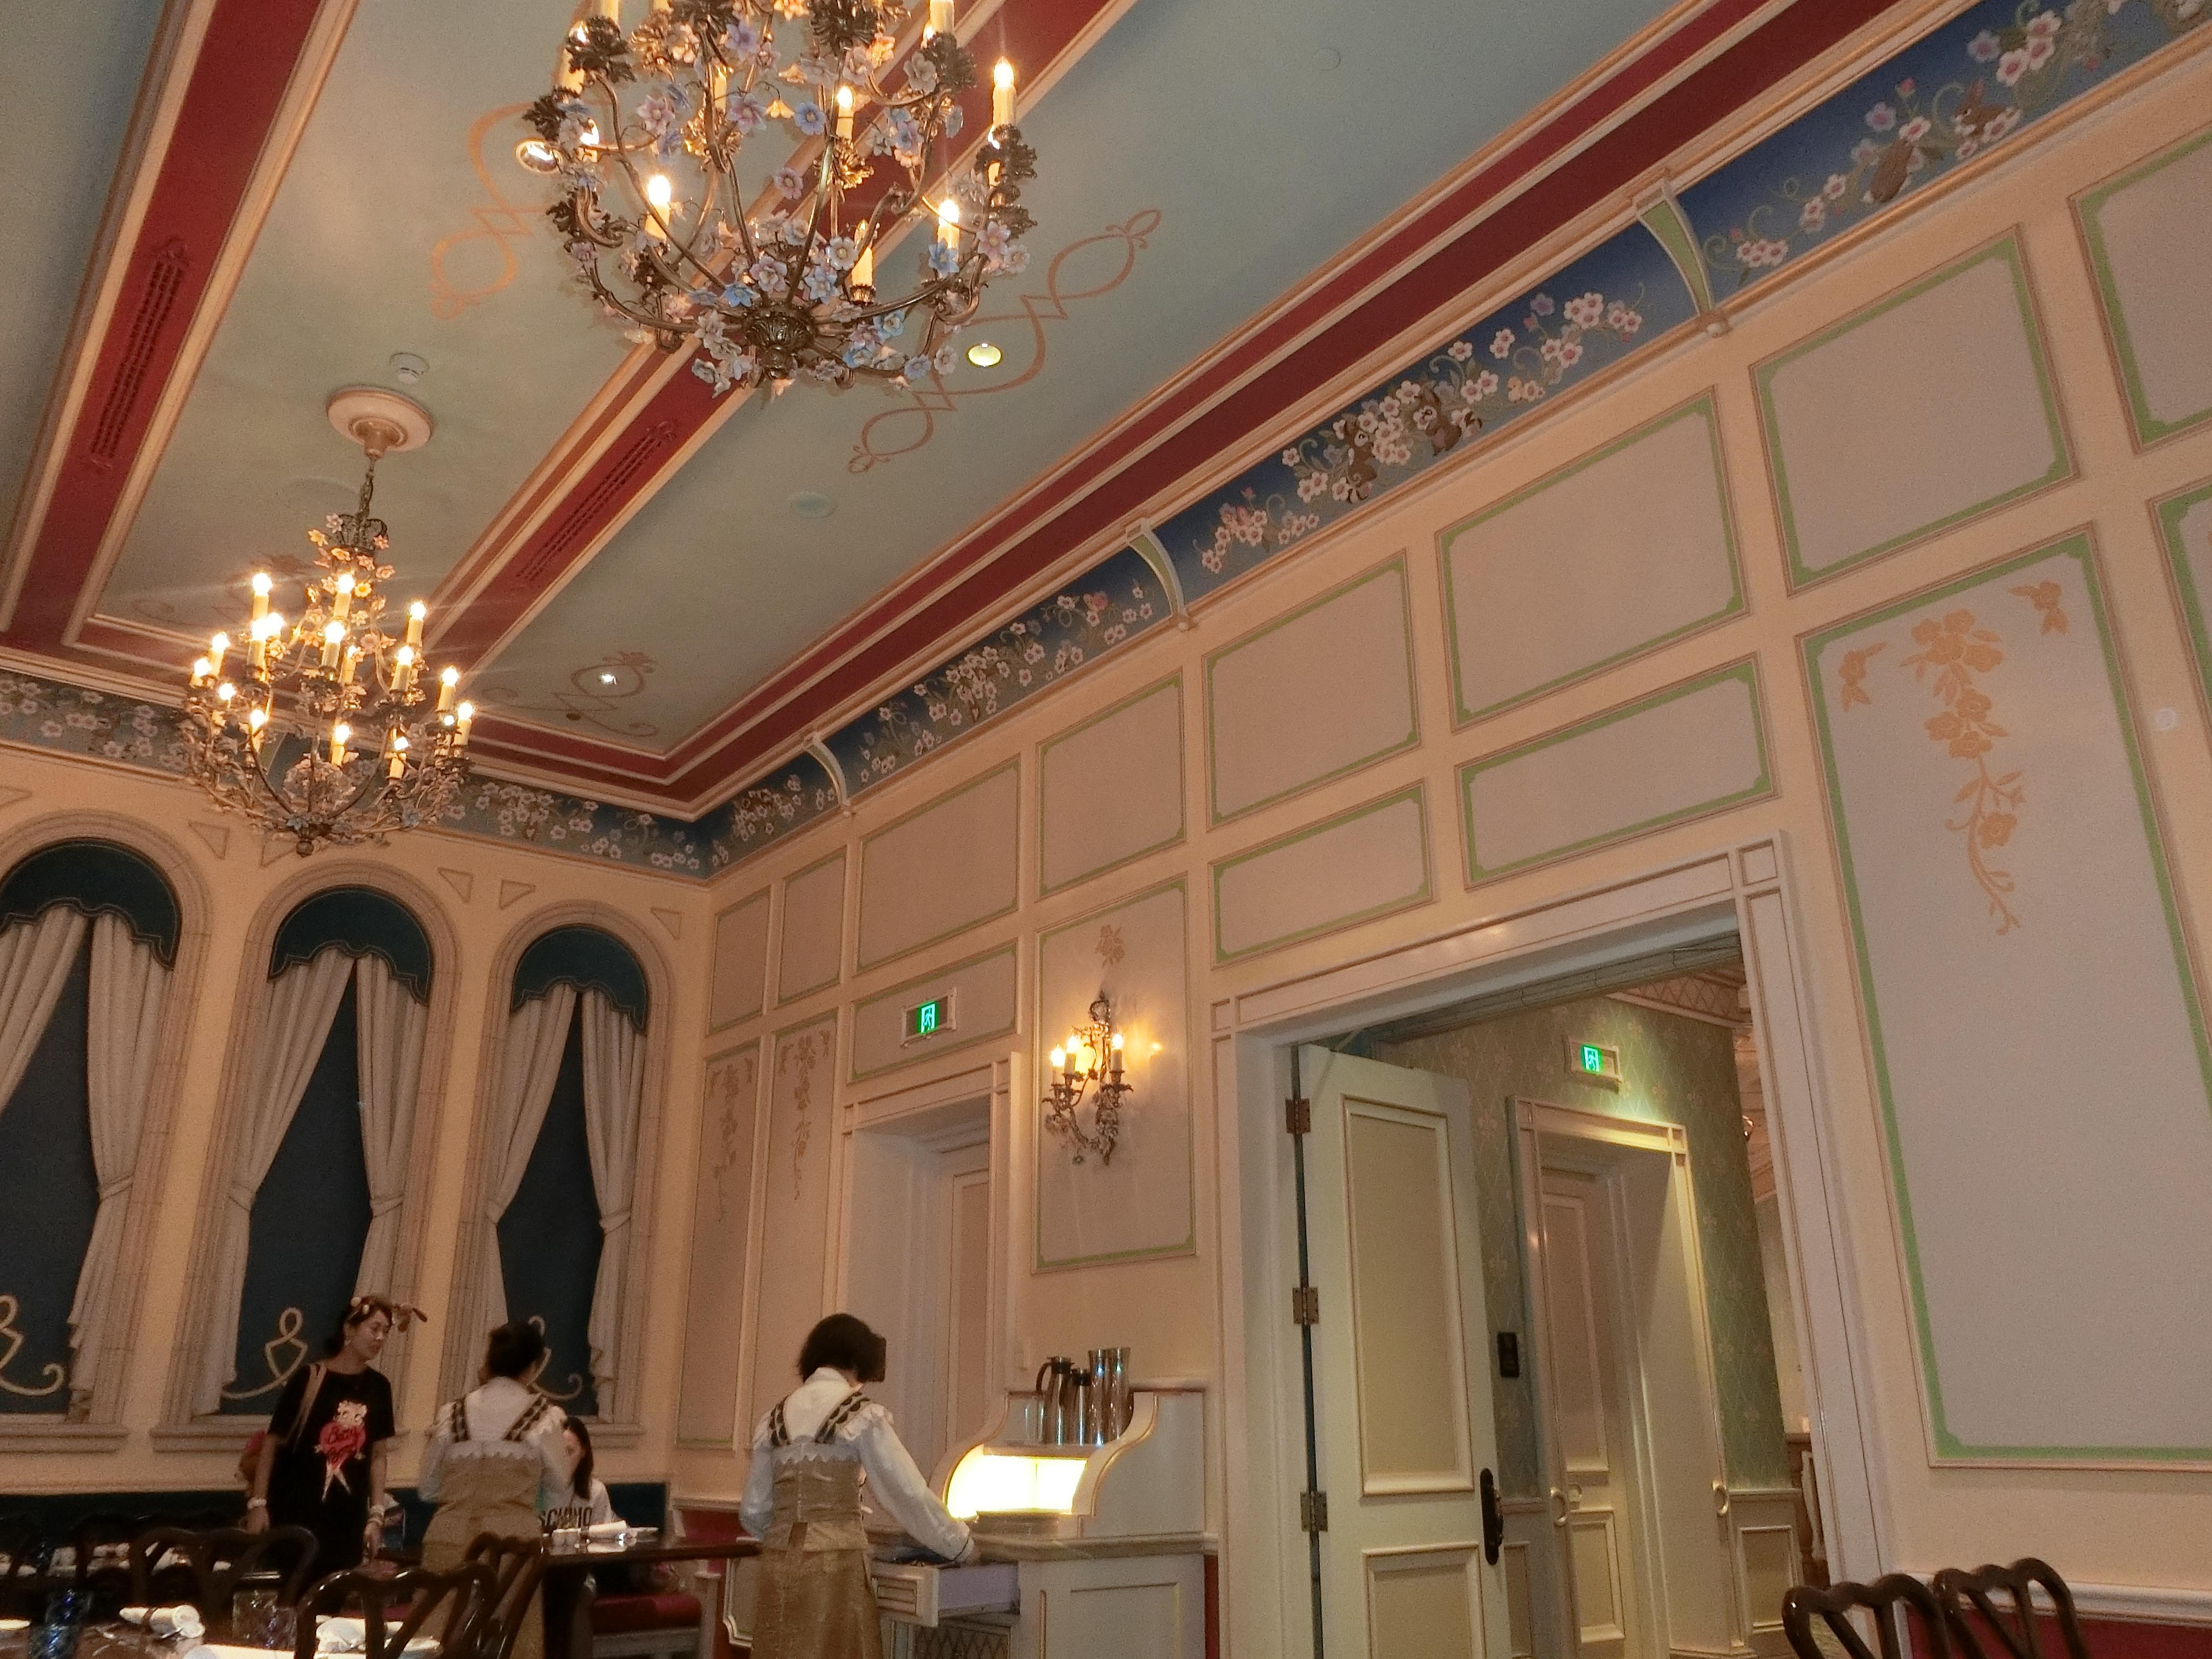 上海ディズニーランド・ロイヤルバンケットホール